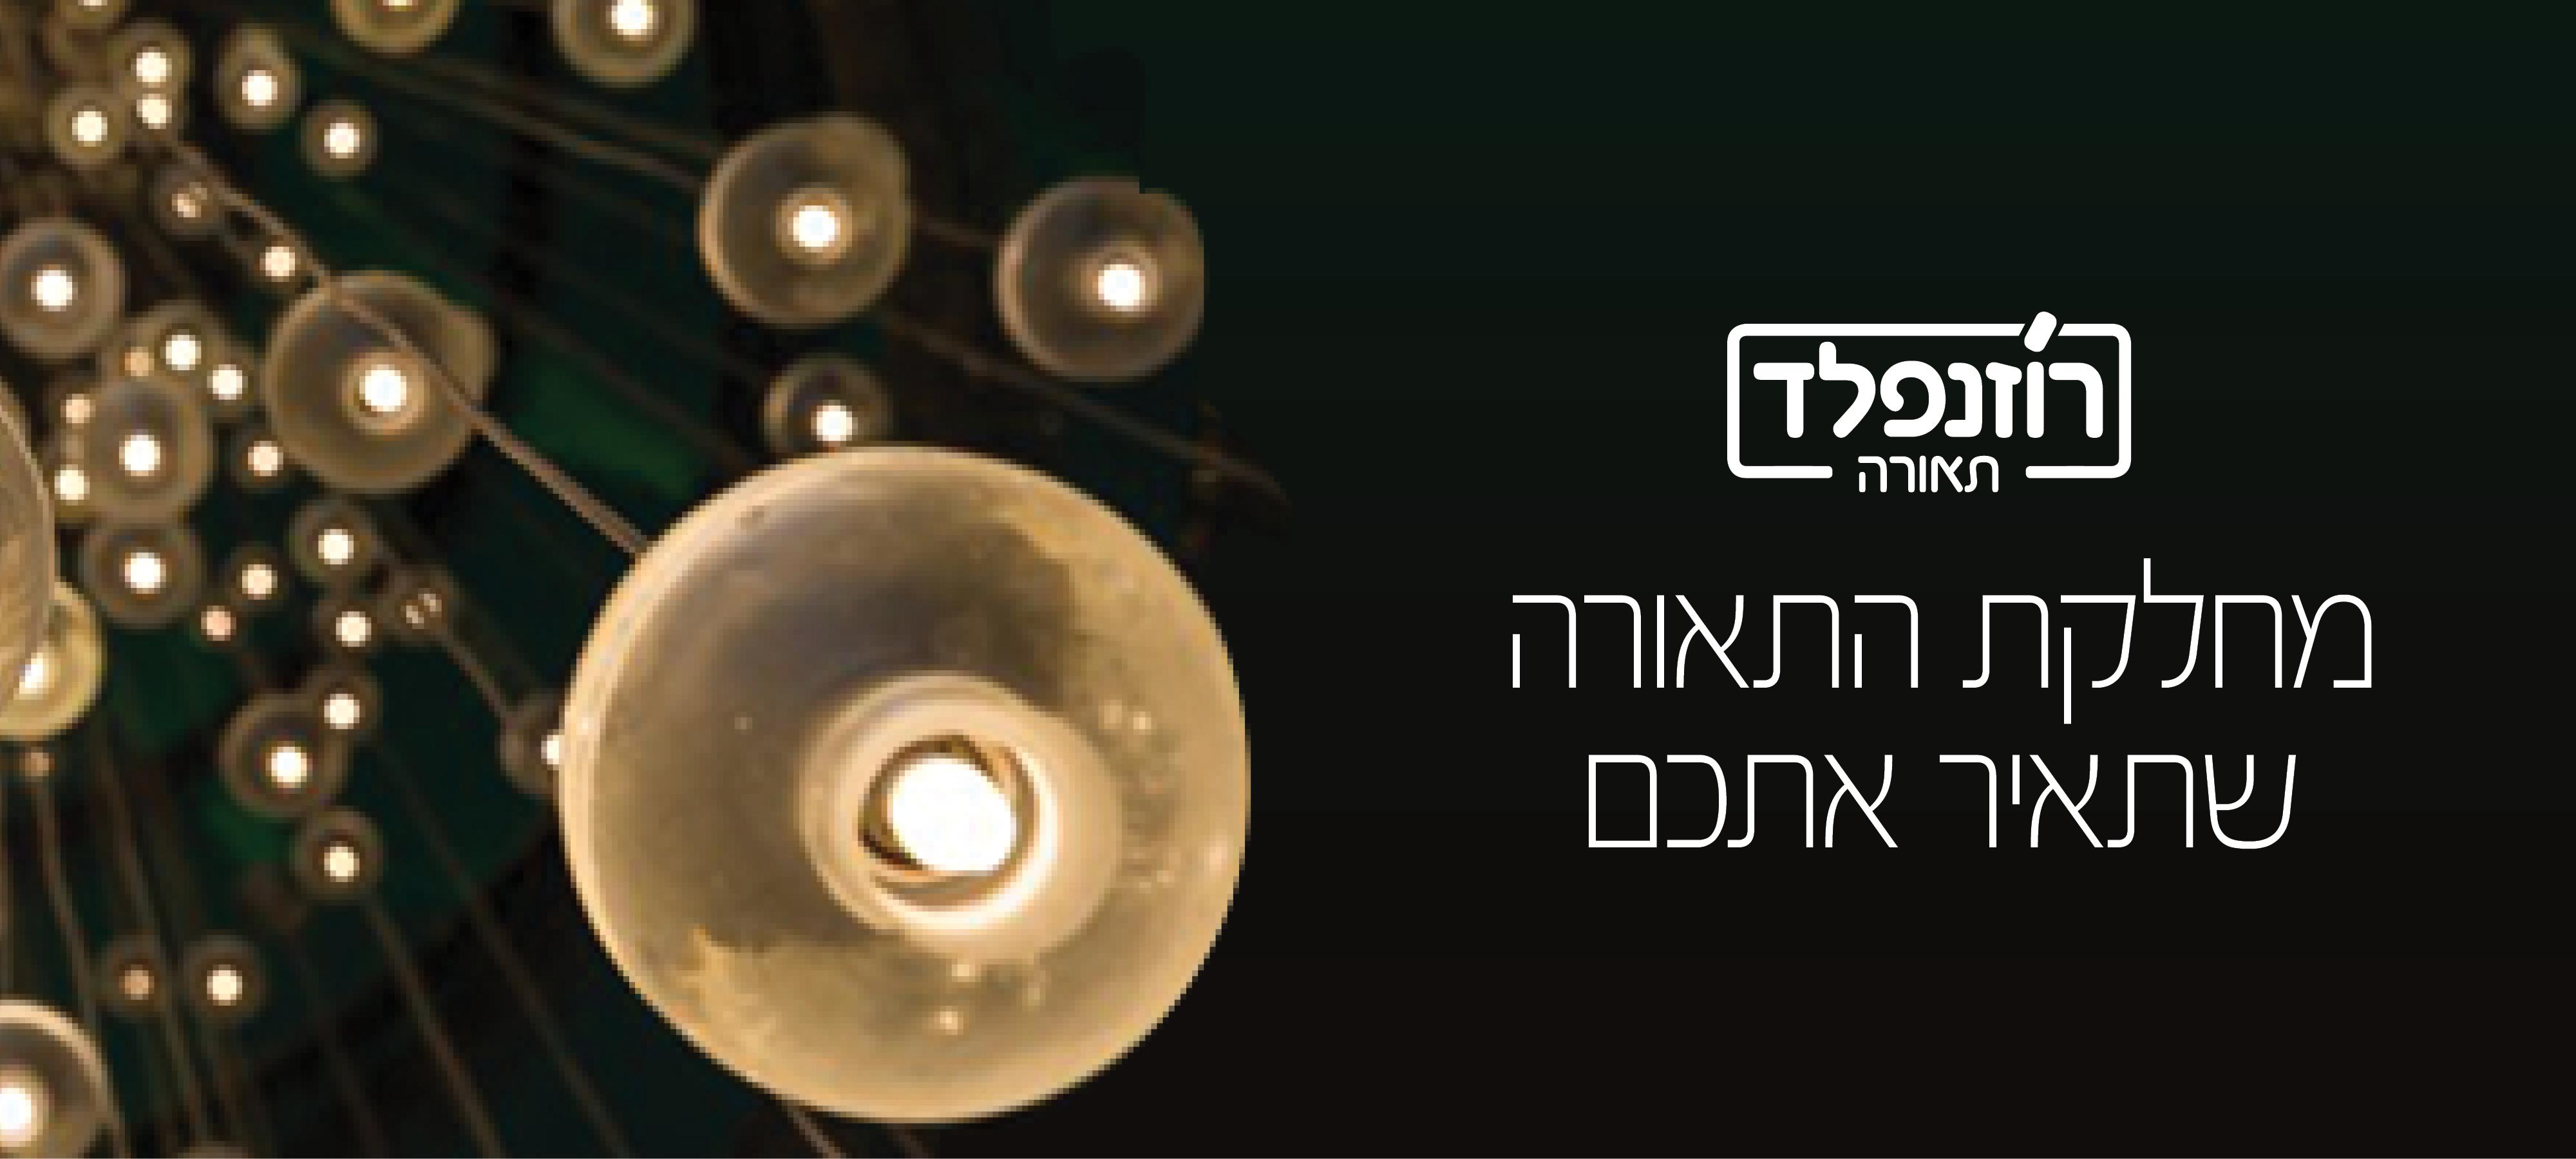 1120x197 Banner Teura 09215